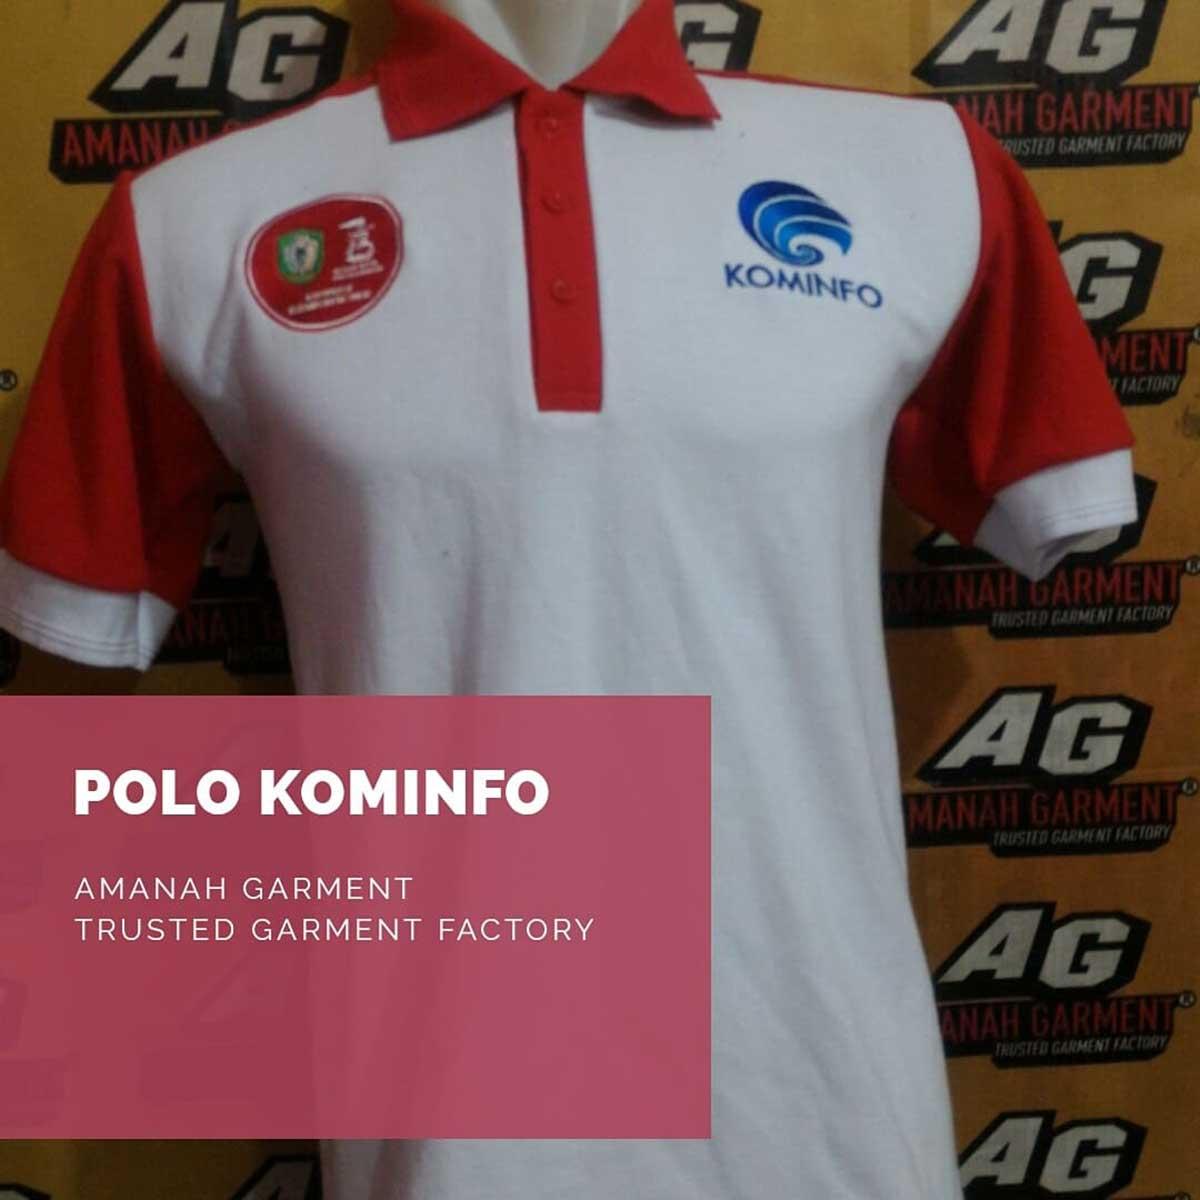 Tempat Produksi Kaos Jogja, Tempat Produksi Kaos Di Jogja, Produksi Kaos Polo Shirt Jogja